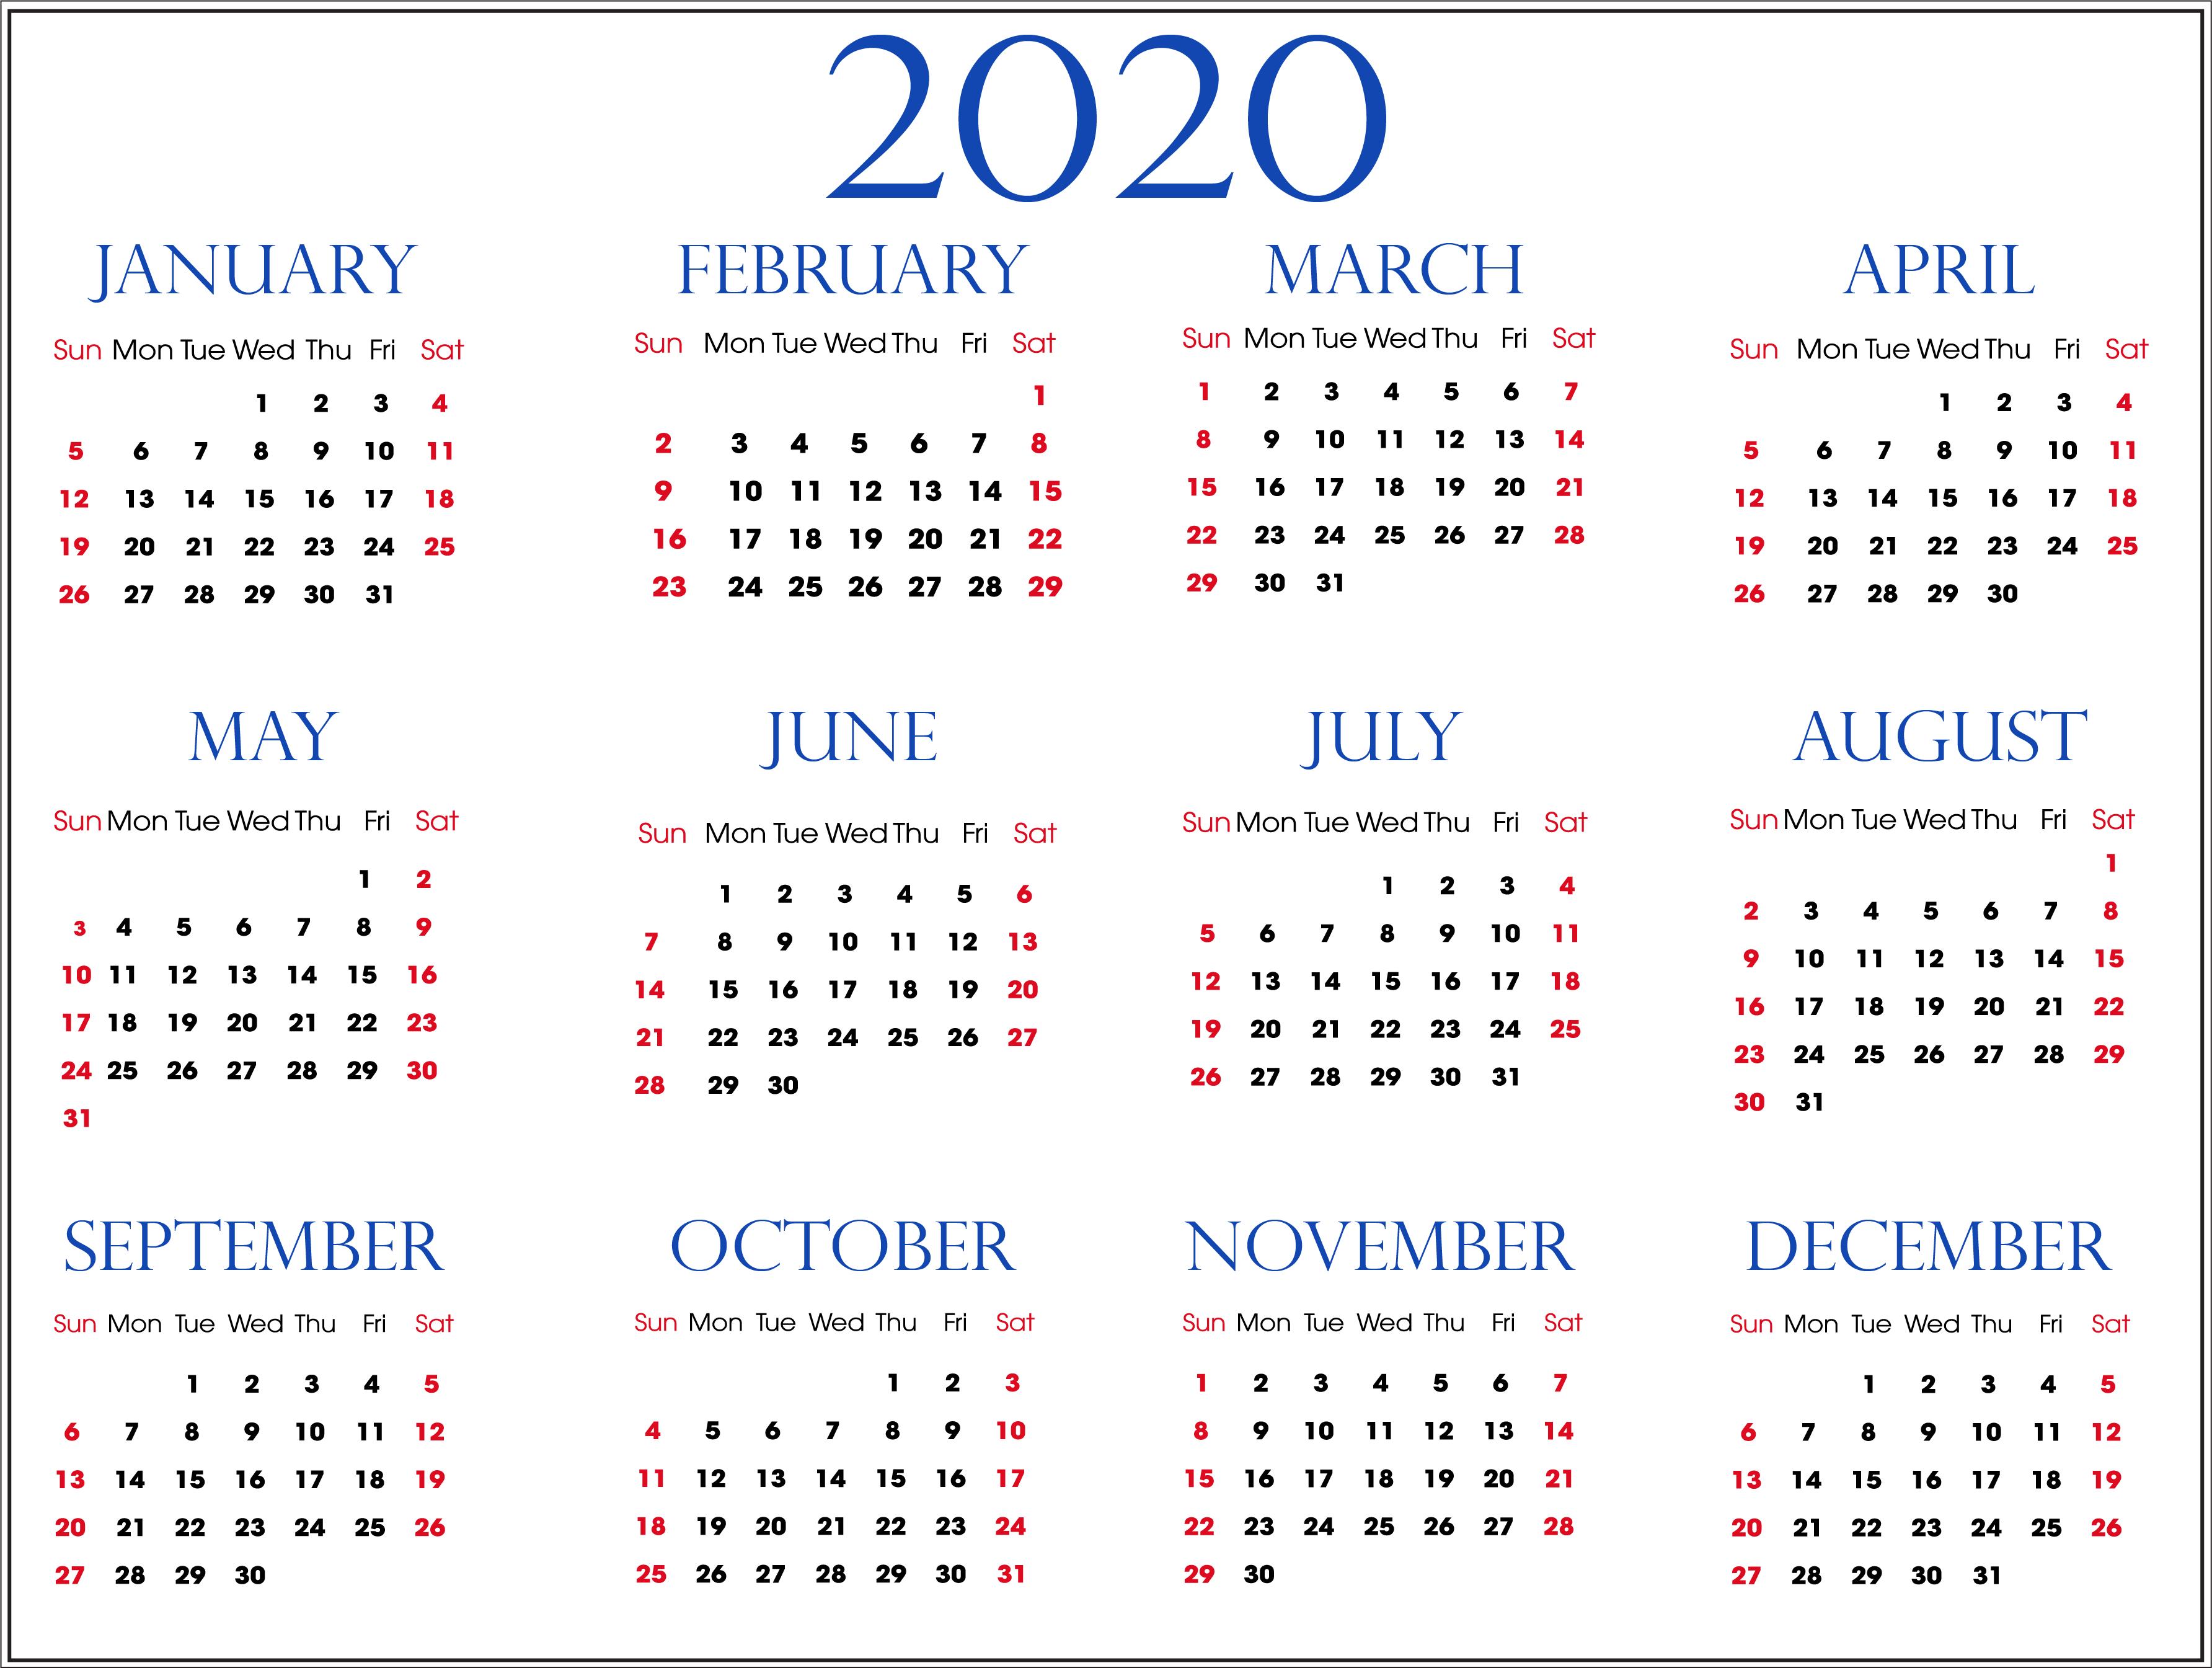 Calendar For 2020 Free